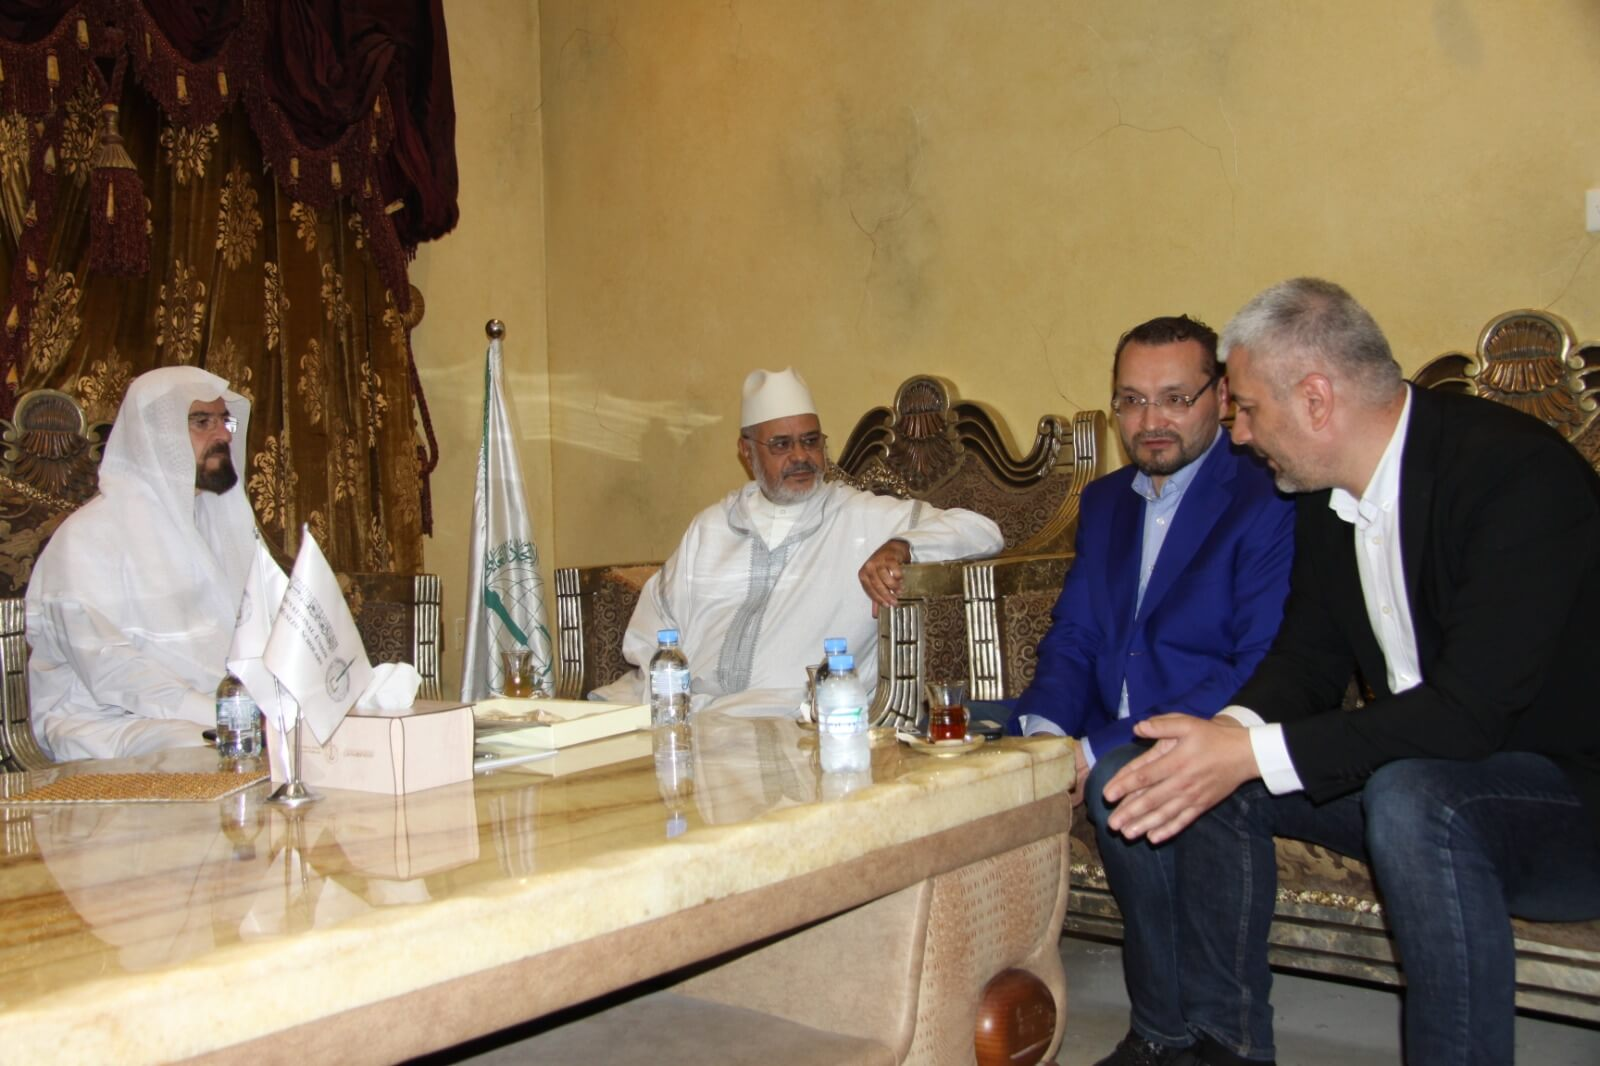 الرئيس والأمين العام يستقبلان وفدا من المنتدى الإسلامي الأوربي